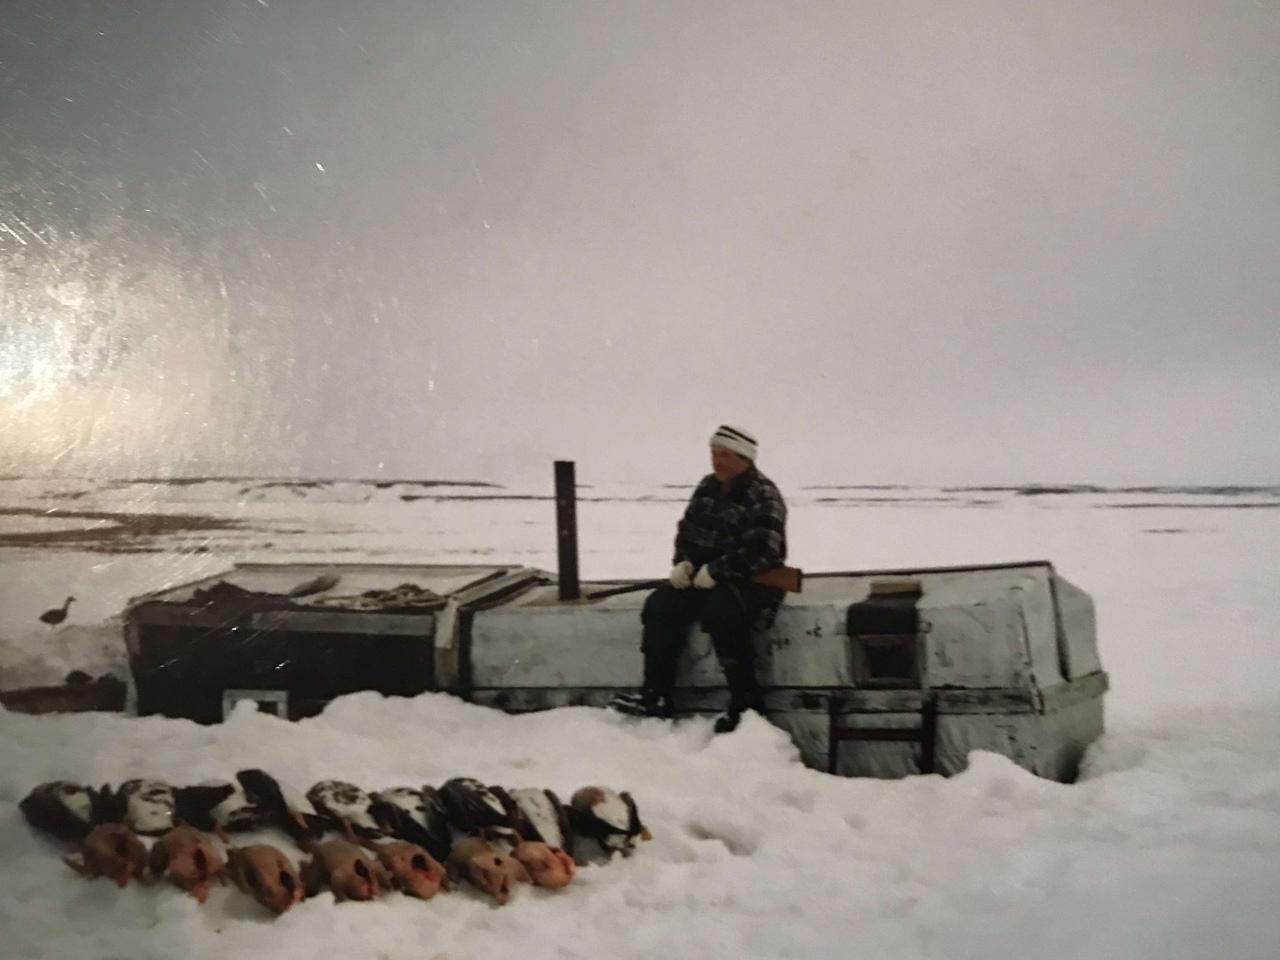 Фото Человек-тундра: 77-летний пенсионер из Томска отправился в дикую глушь, чтобы сжечь охотничью базу погибшего сына 7